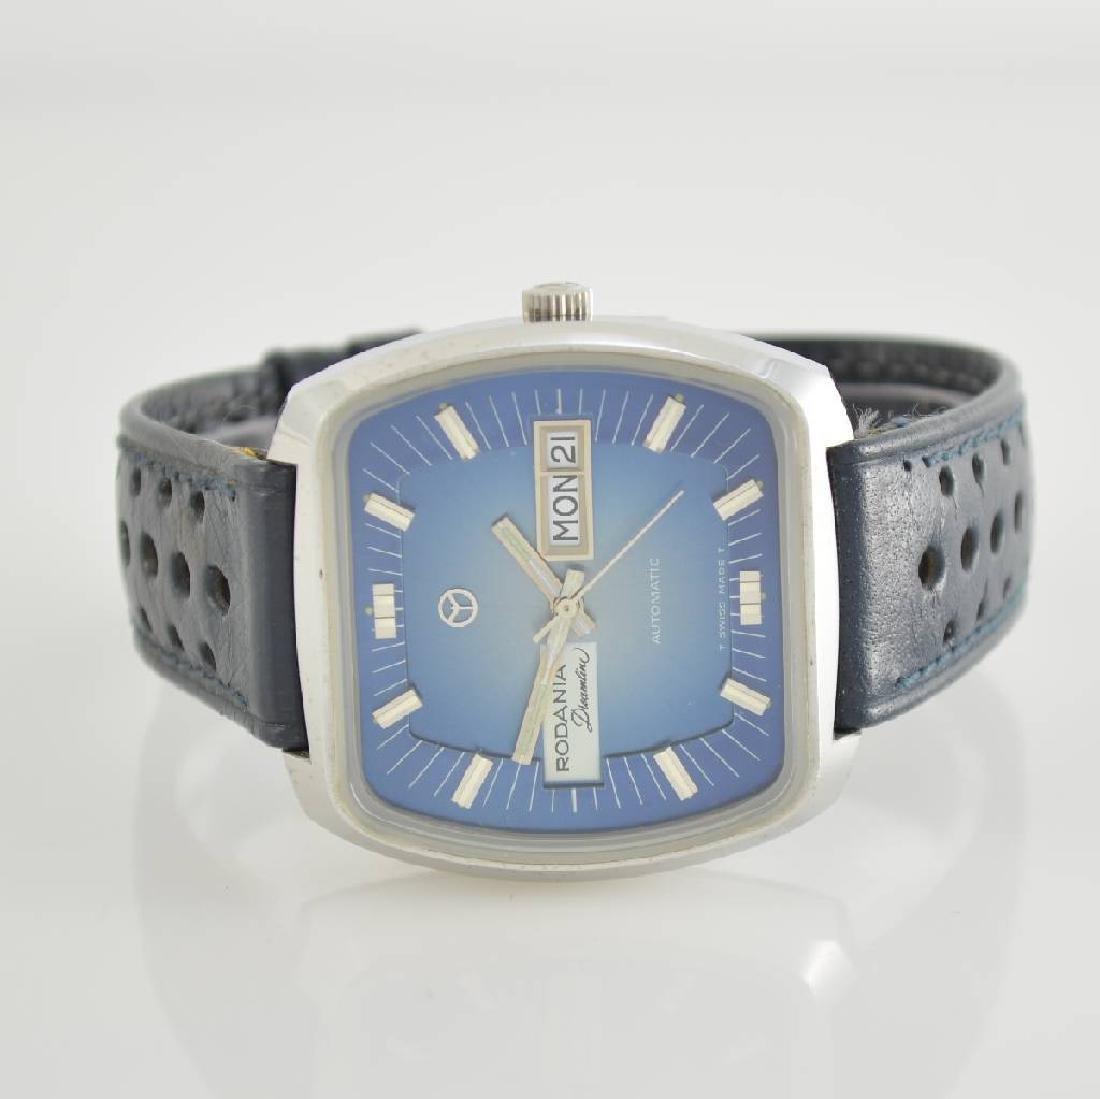 RODANIA Dreamline gents wristwatch